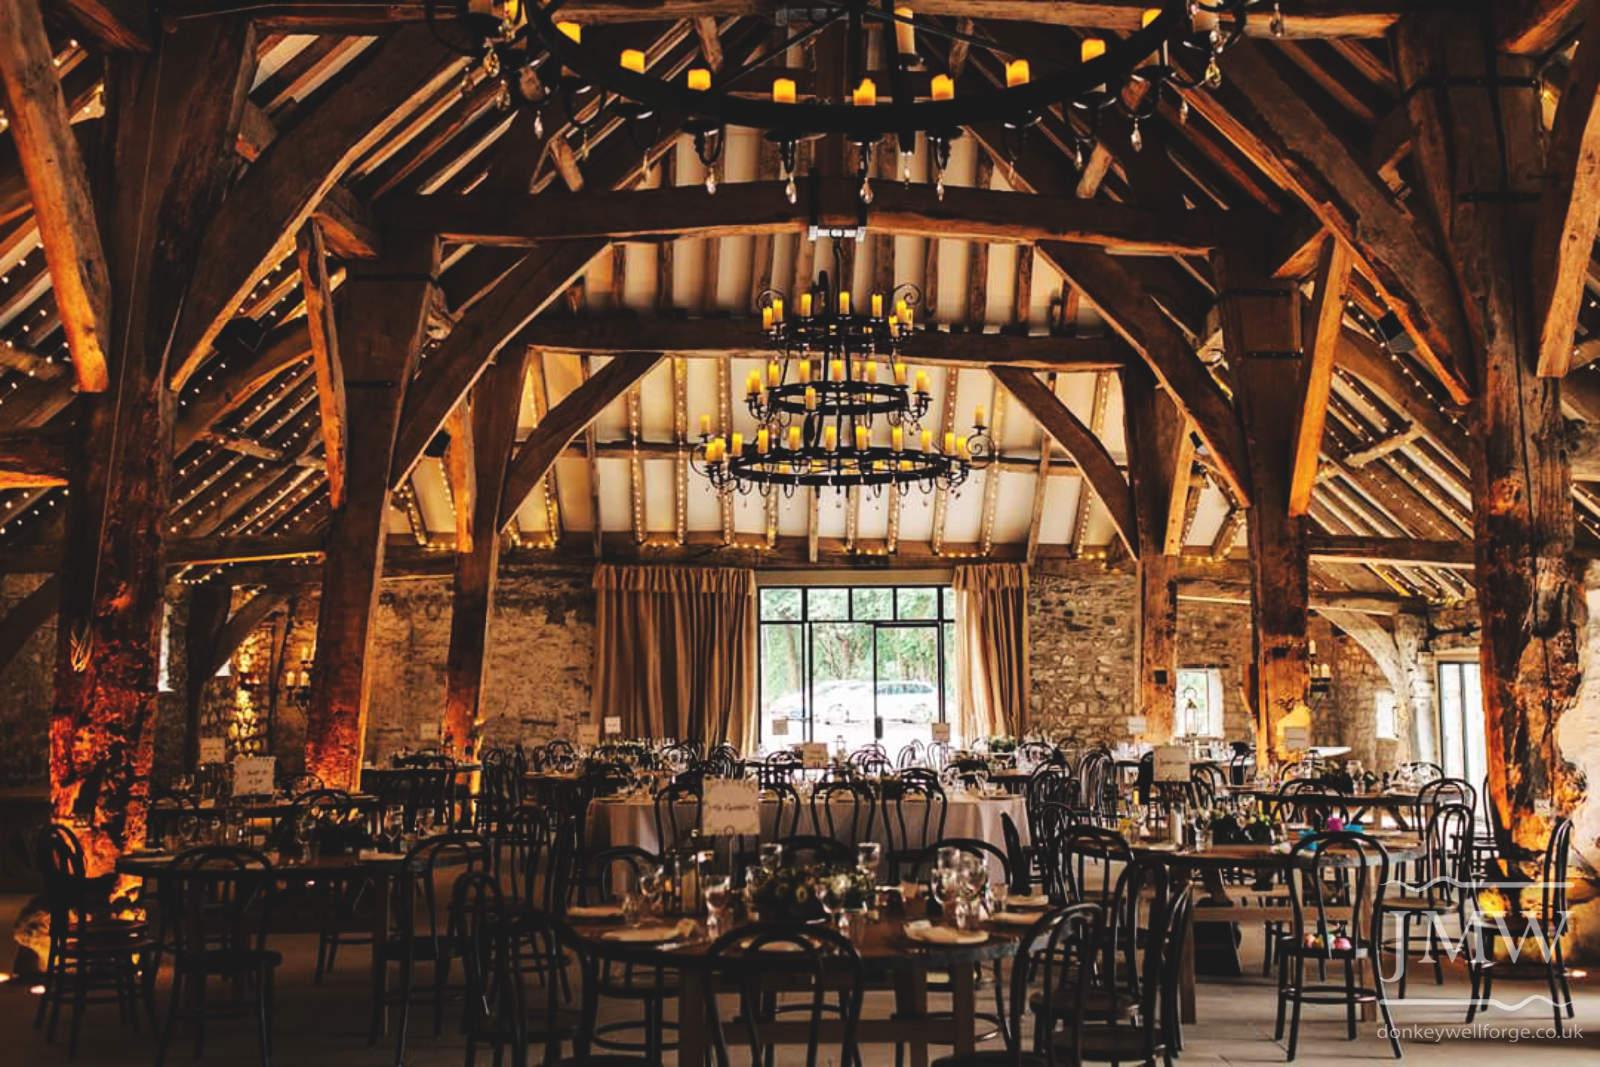 bespoke-candelabras-large-wedding-venue-tithe-barn-iron-blacksmith-donkeywell-forge